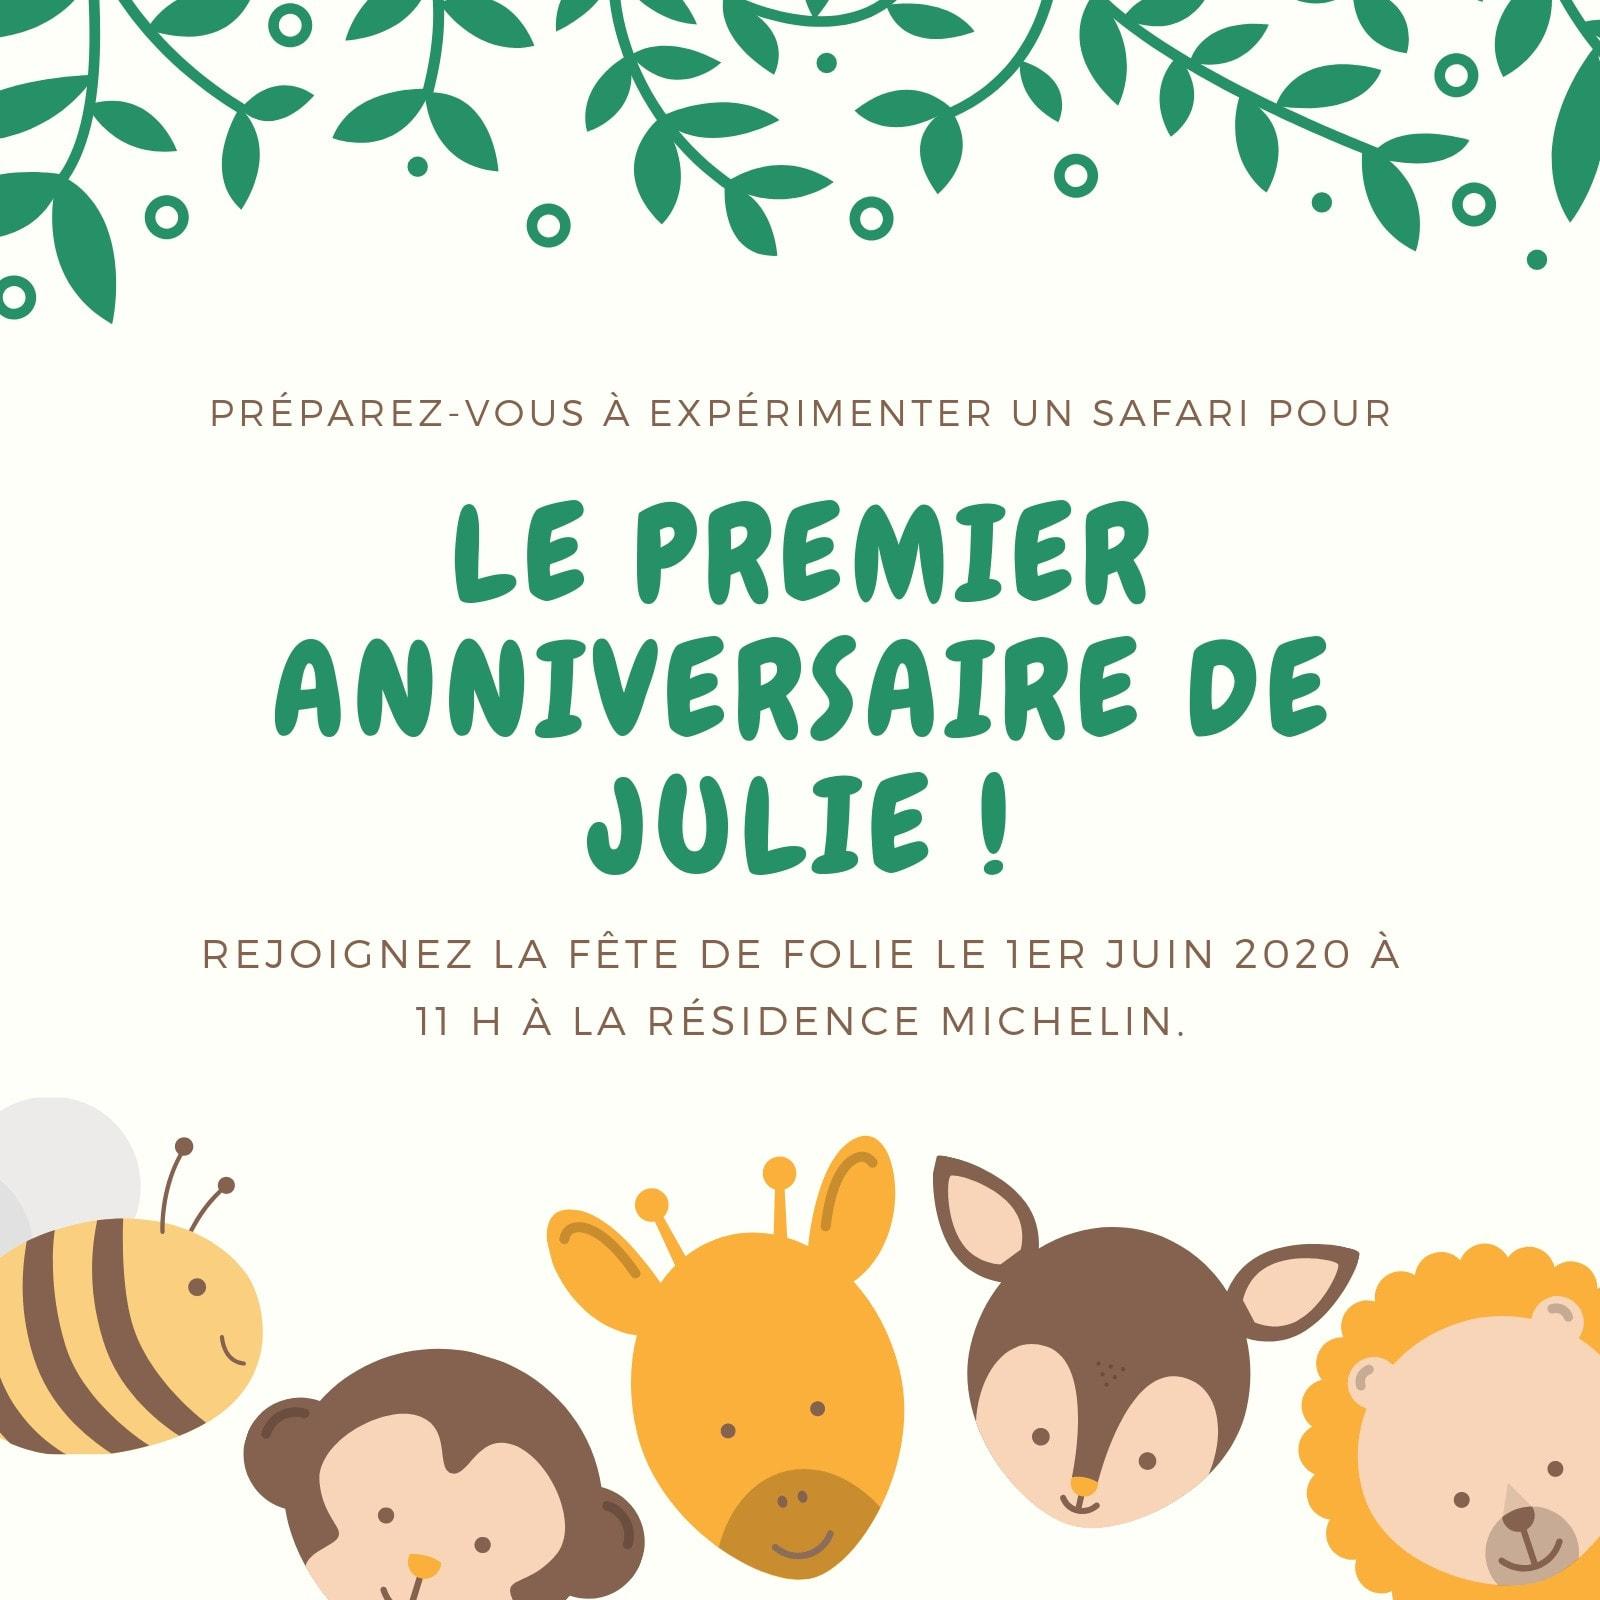 Crème et Crème Zoo Animaux Bébé Anniversaire Invitation